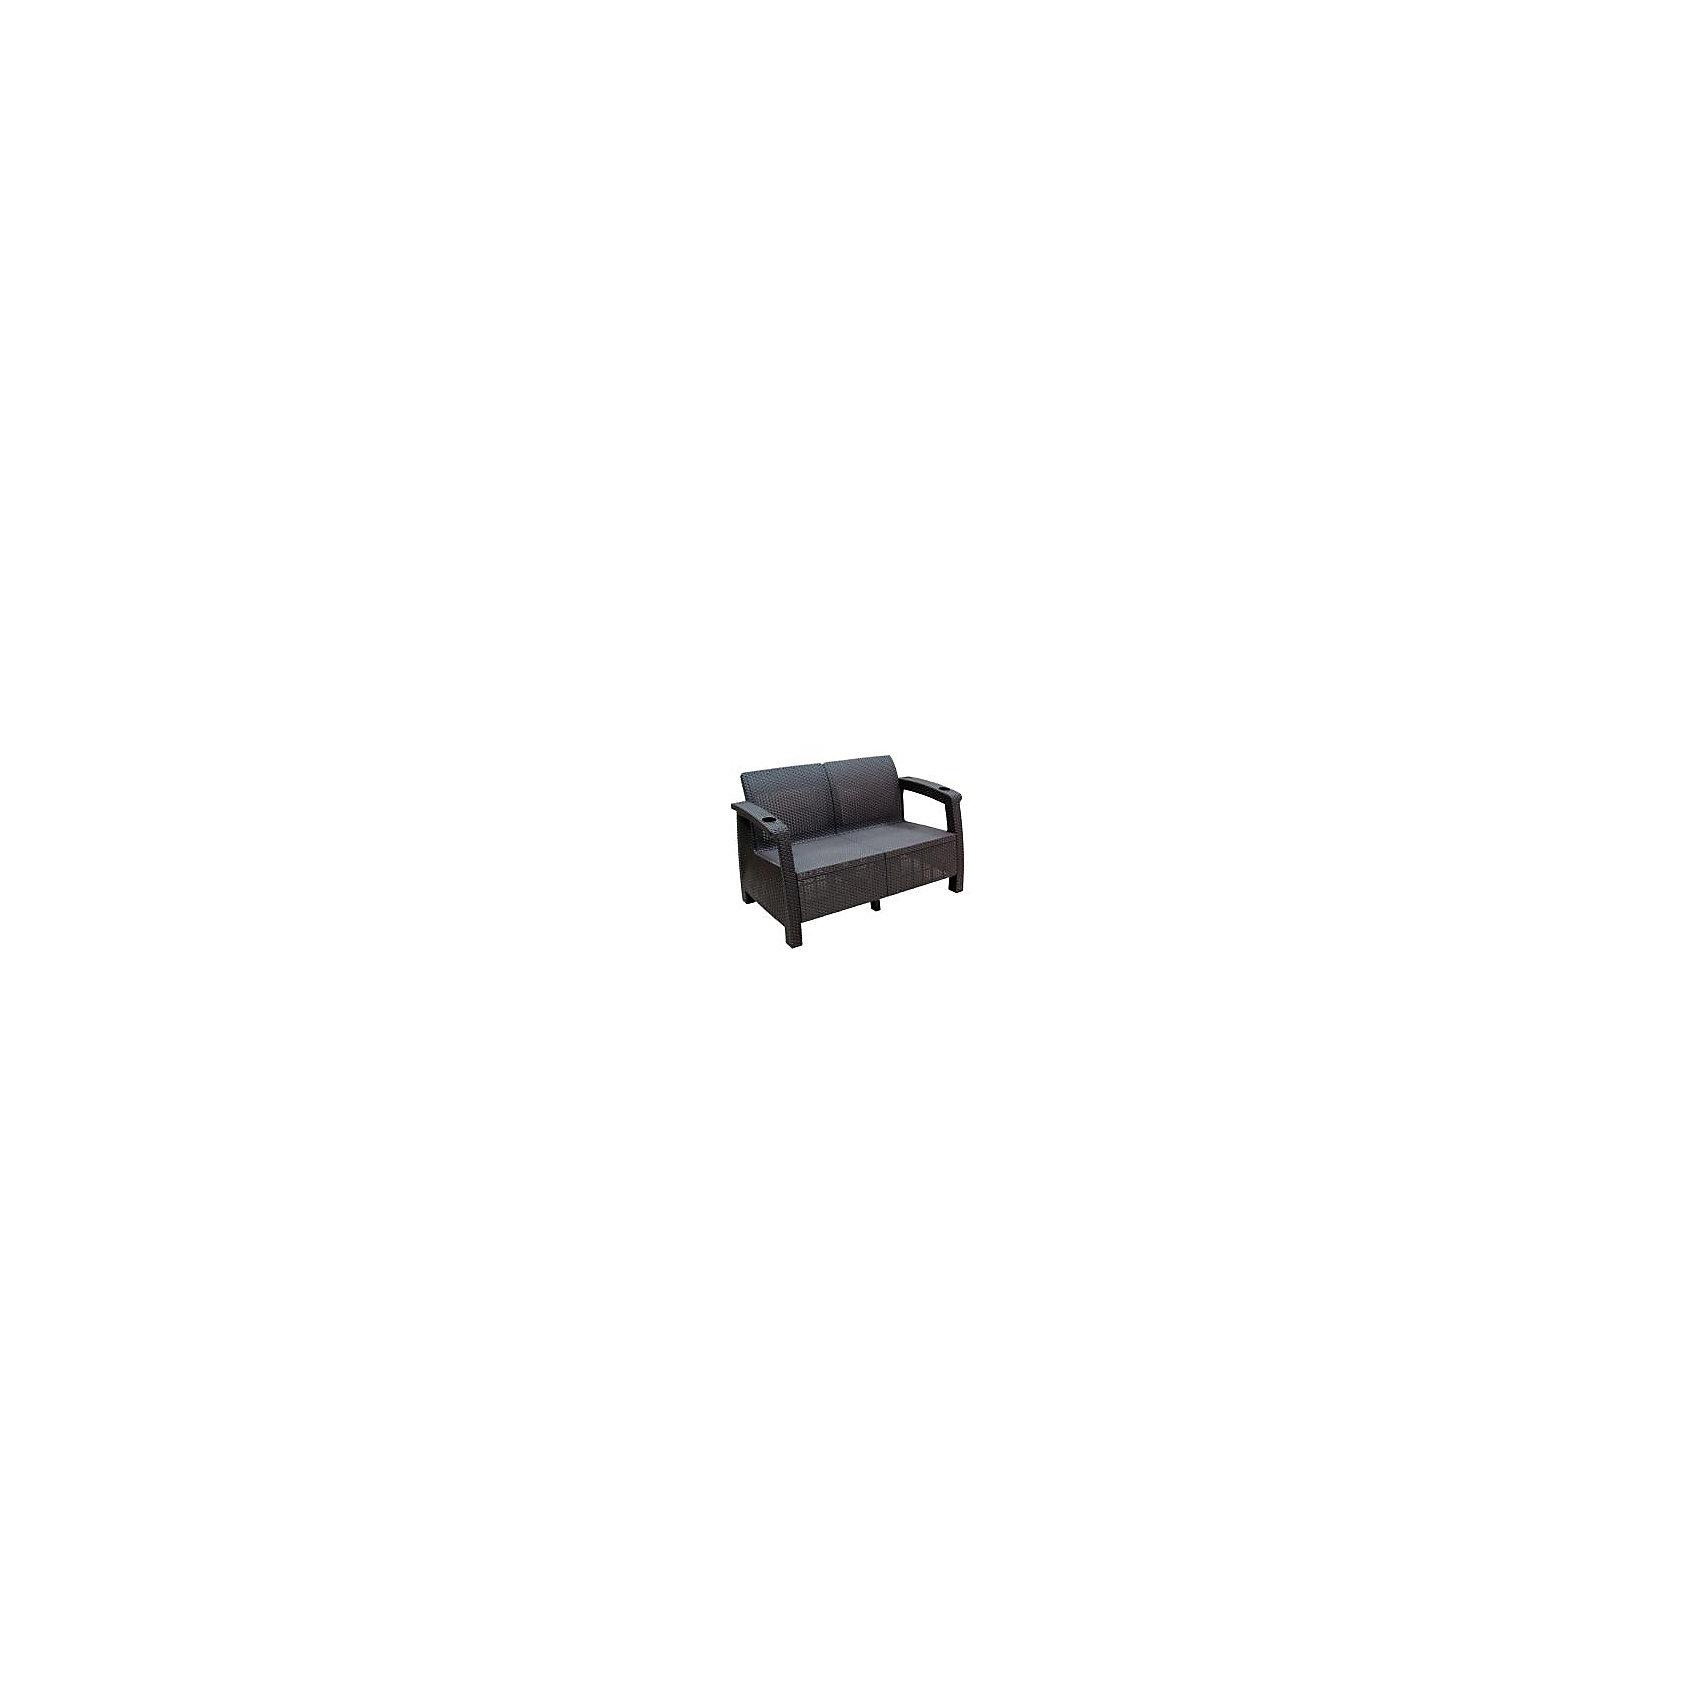 Диван Ротанг 2-х местный, Alternativa, коричневыйДиван Ротанг 1270х700х790без подуш., Alternativa (Альтернатива), коричневый<br><br>Характеристики:<br><br>• интересный дизайн<br>• выдерживает большие нагрузки<br>• два подстаканника<br>• материал: пластик<br>• размер: 127х70х79 см<br>• цвет: коричневый<br>• вес: 11,228 кг<br><br>Для комфортного отдыха необходим качественный и красивый диван. Ротанг - изумительный диван из пластика от российского производителя. Диван выдерживает большие нагрузки и, к тому же, имеет очень привлекательный вид. На ручках дивана есть два подстаканника, чтобы вы могли воспользоваться напитками во время отдыха. Размер дивана - 127х70х79 сантиметров.<br><br>Диван Ротанг 1270х700х790без подуш., Alternativa (Альтернатива), коричневый вы можете купить в нашем интернет-магазине.<br><br>Ширина мм: 1270<br>Глубина мм: 700<br>Высота мм: 790<br>Вес г: 11228<br>Возраст от месяцев: 12<br>Возраст до месяцев: 1188<br>Пол: Унисекс<br>Возраст: Детский<br>SKU: 5436200